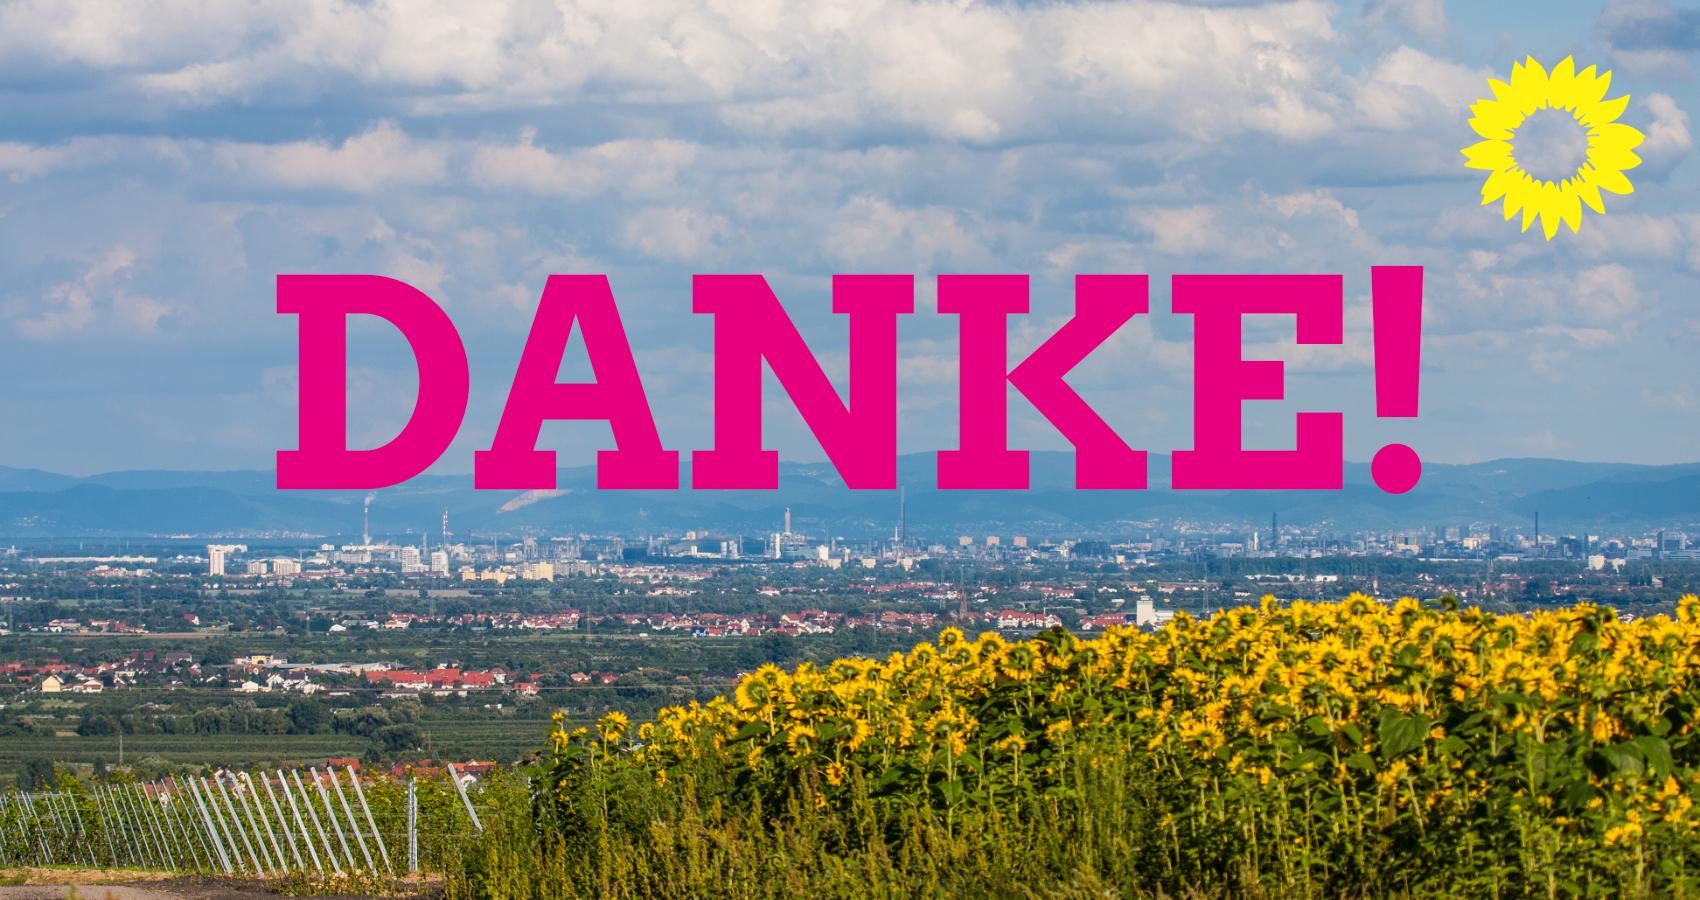 Danke! Schriftzug vor einem Foto des Rhein-Pfalz-Kreises mit Sonnenblumen.